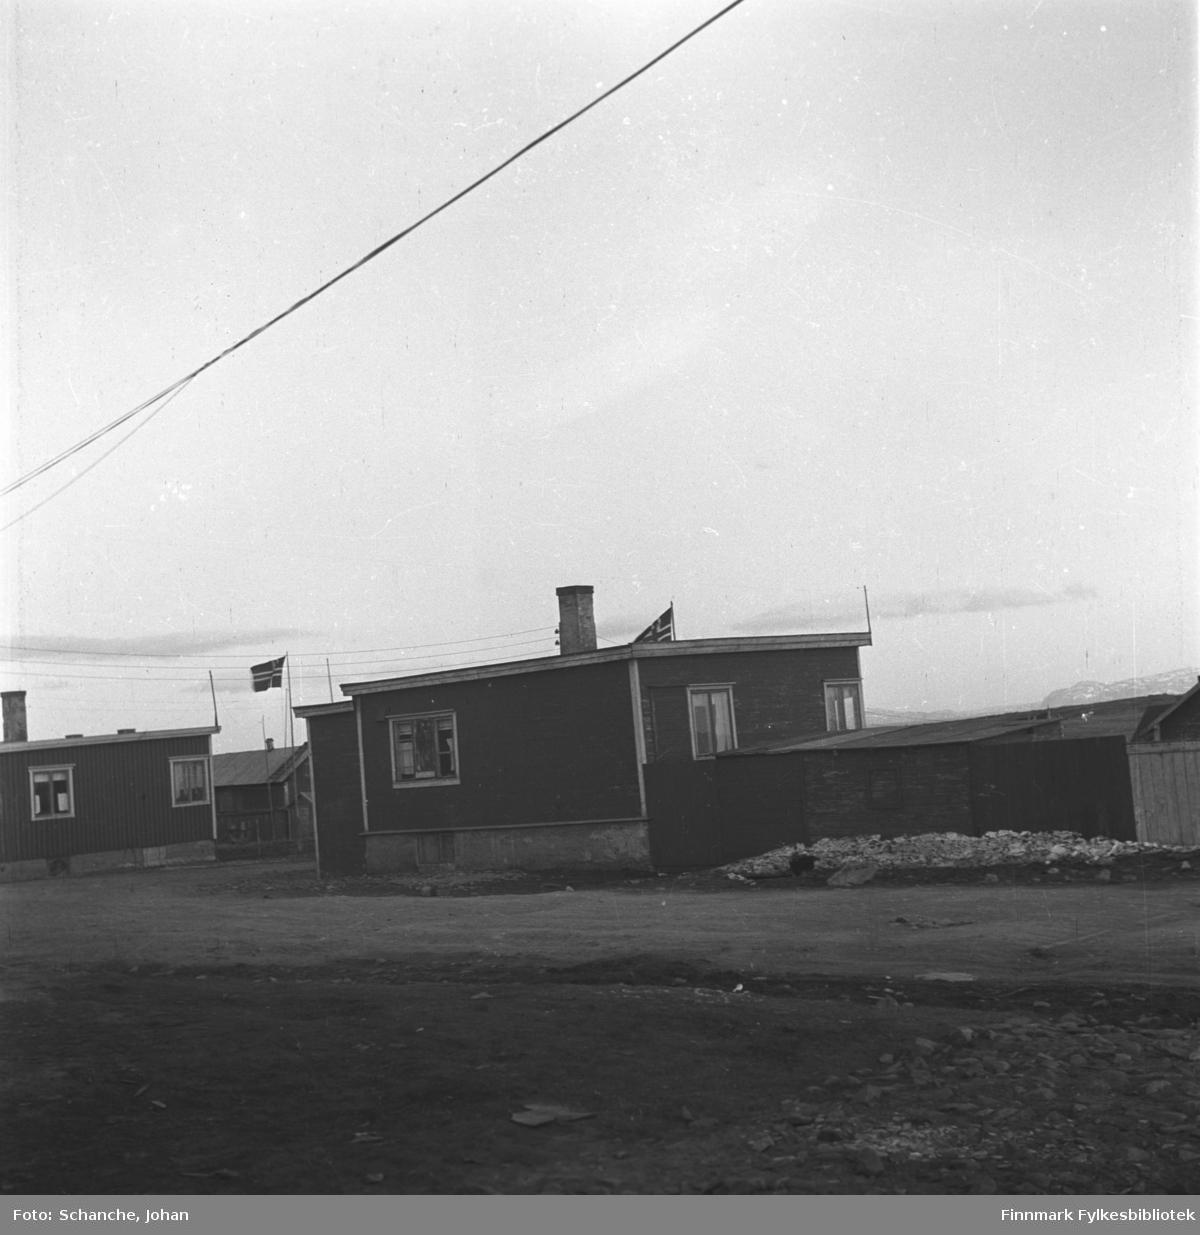 Husene til Torvald Berg og Gandola i Damsveien fotografert på våren -46. Flagg er heist opp ved begge husene.